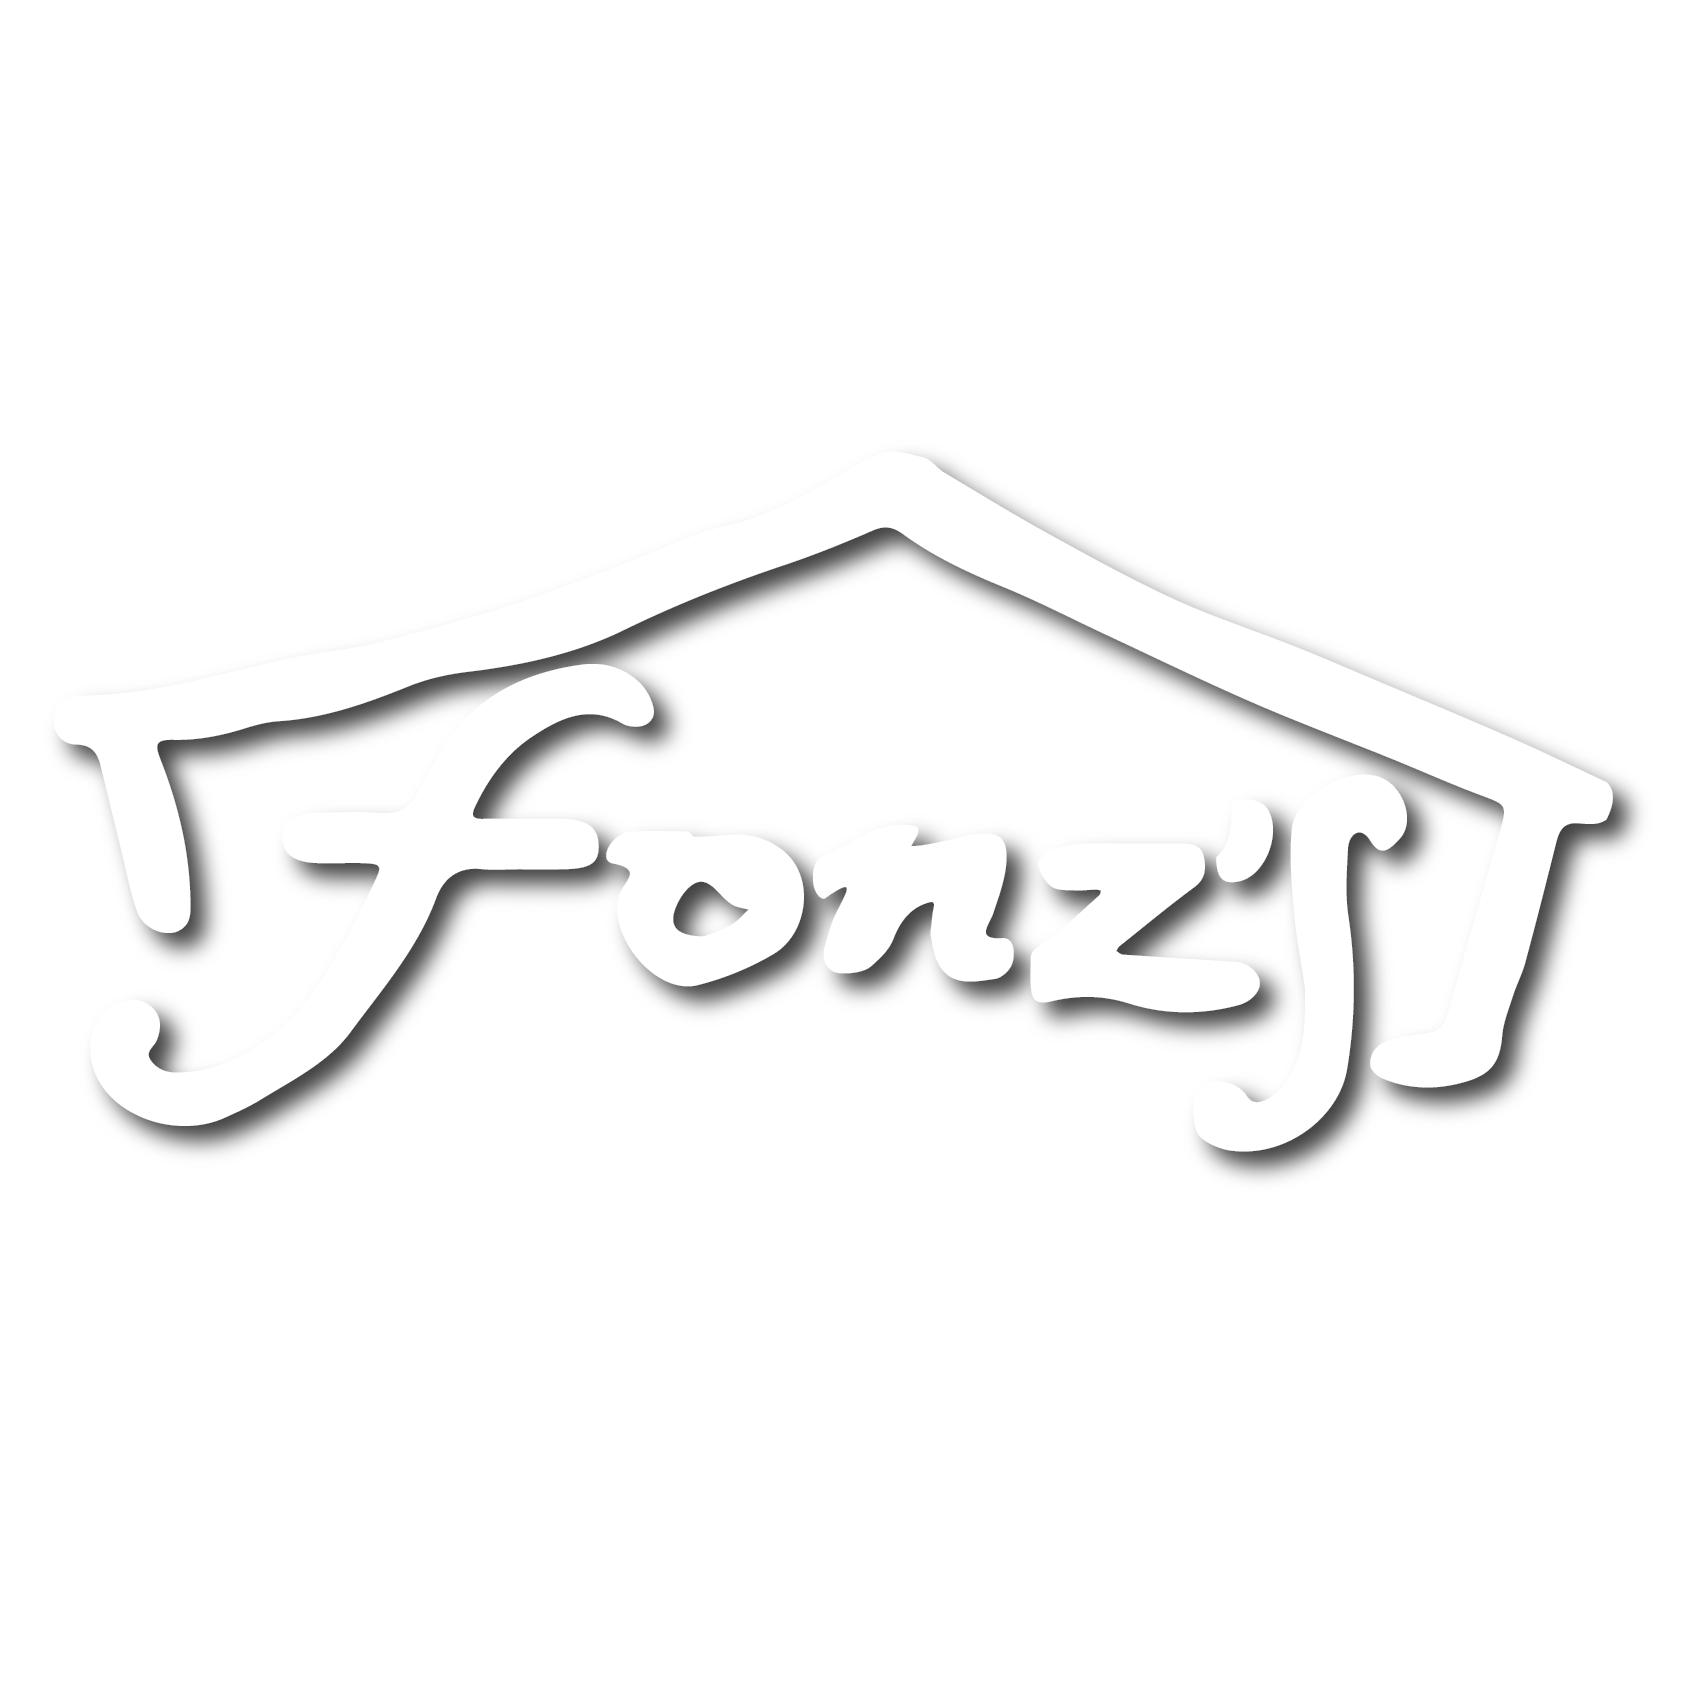 fonz's